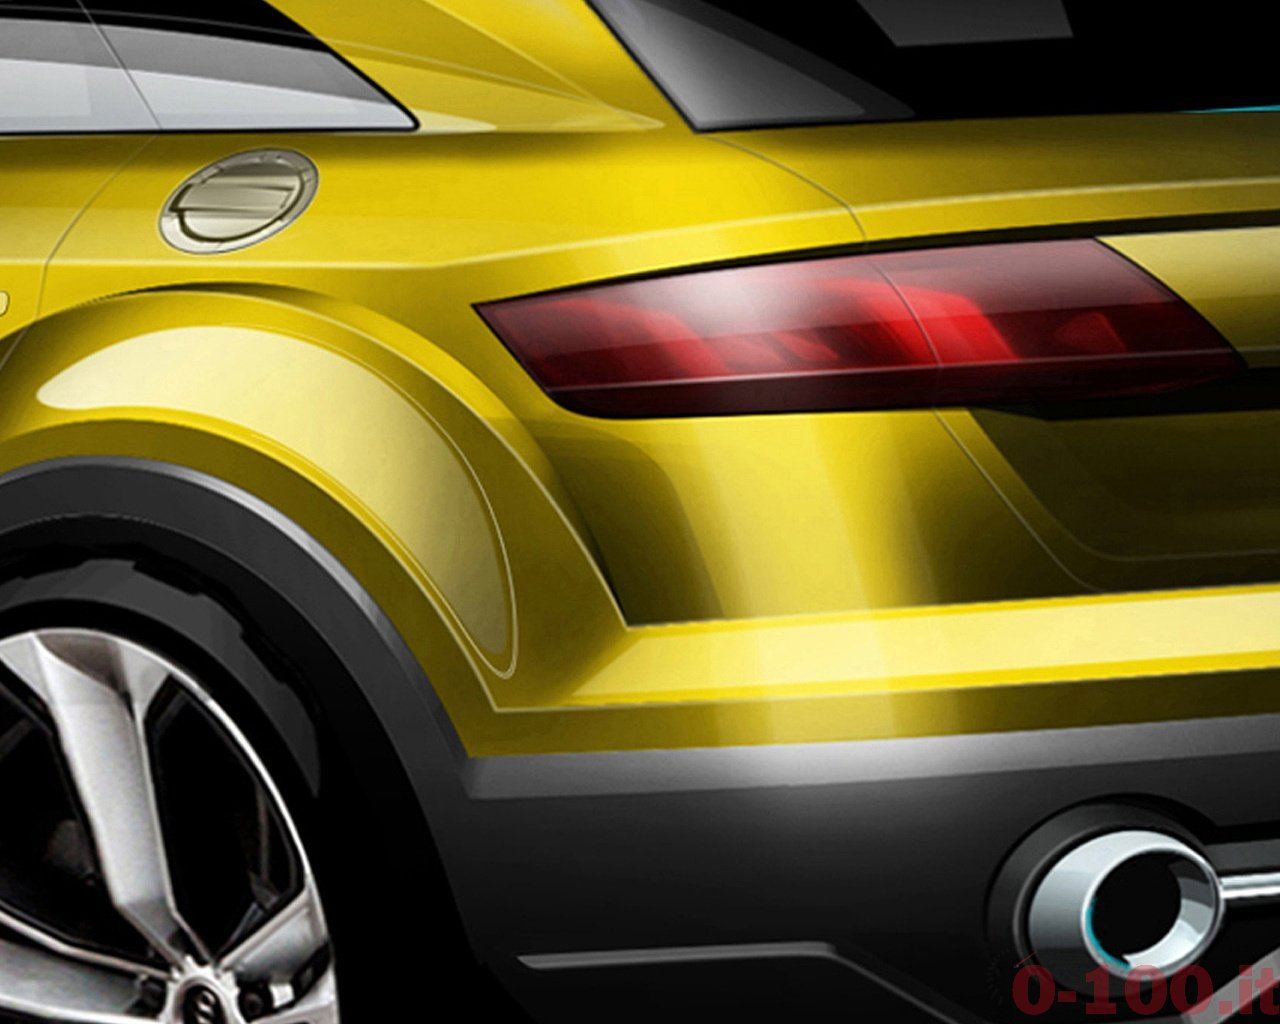 Audi praesentiert die Studie auf der Peking Motor Show 2014.